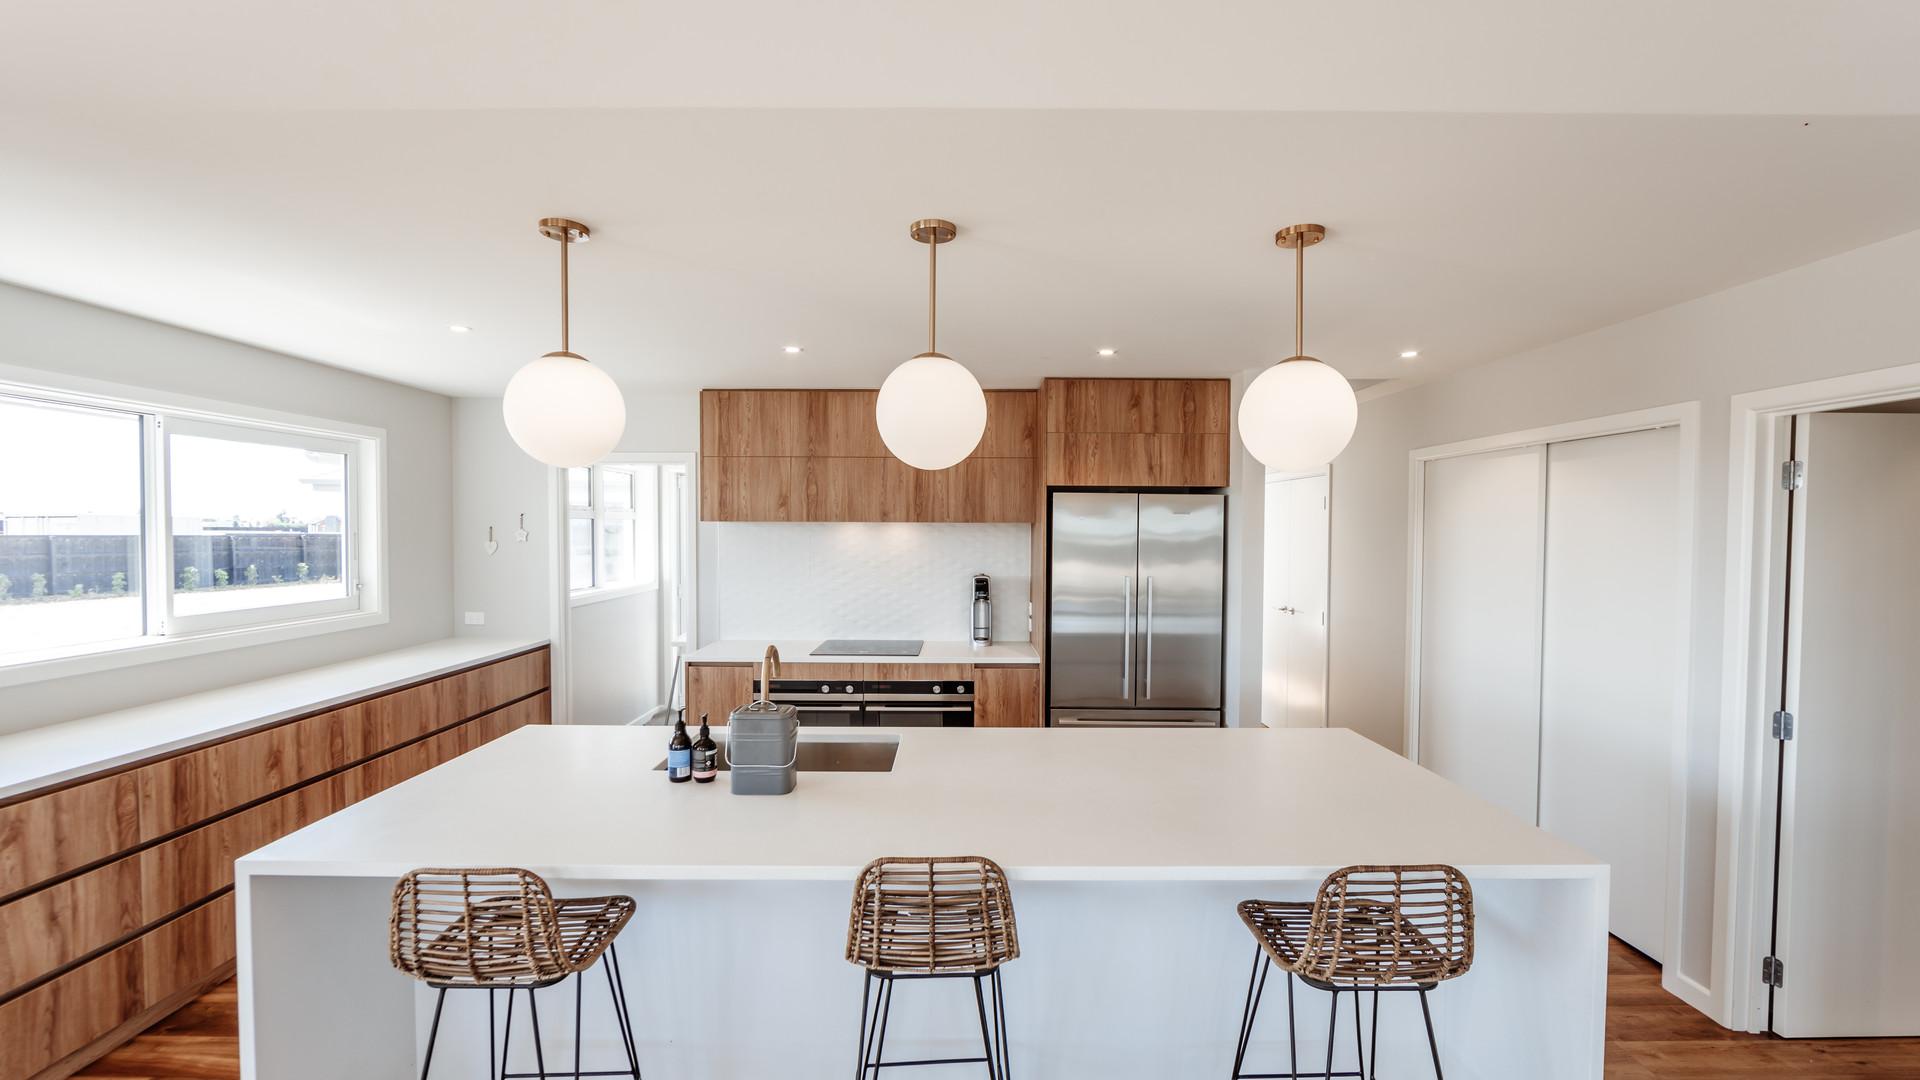 Braeburn kitchen 2